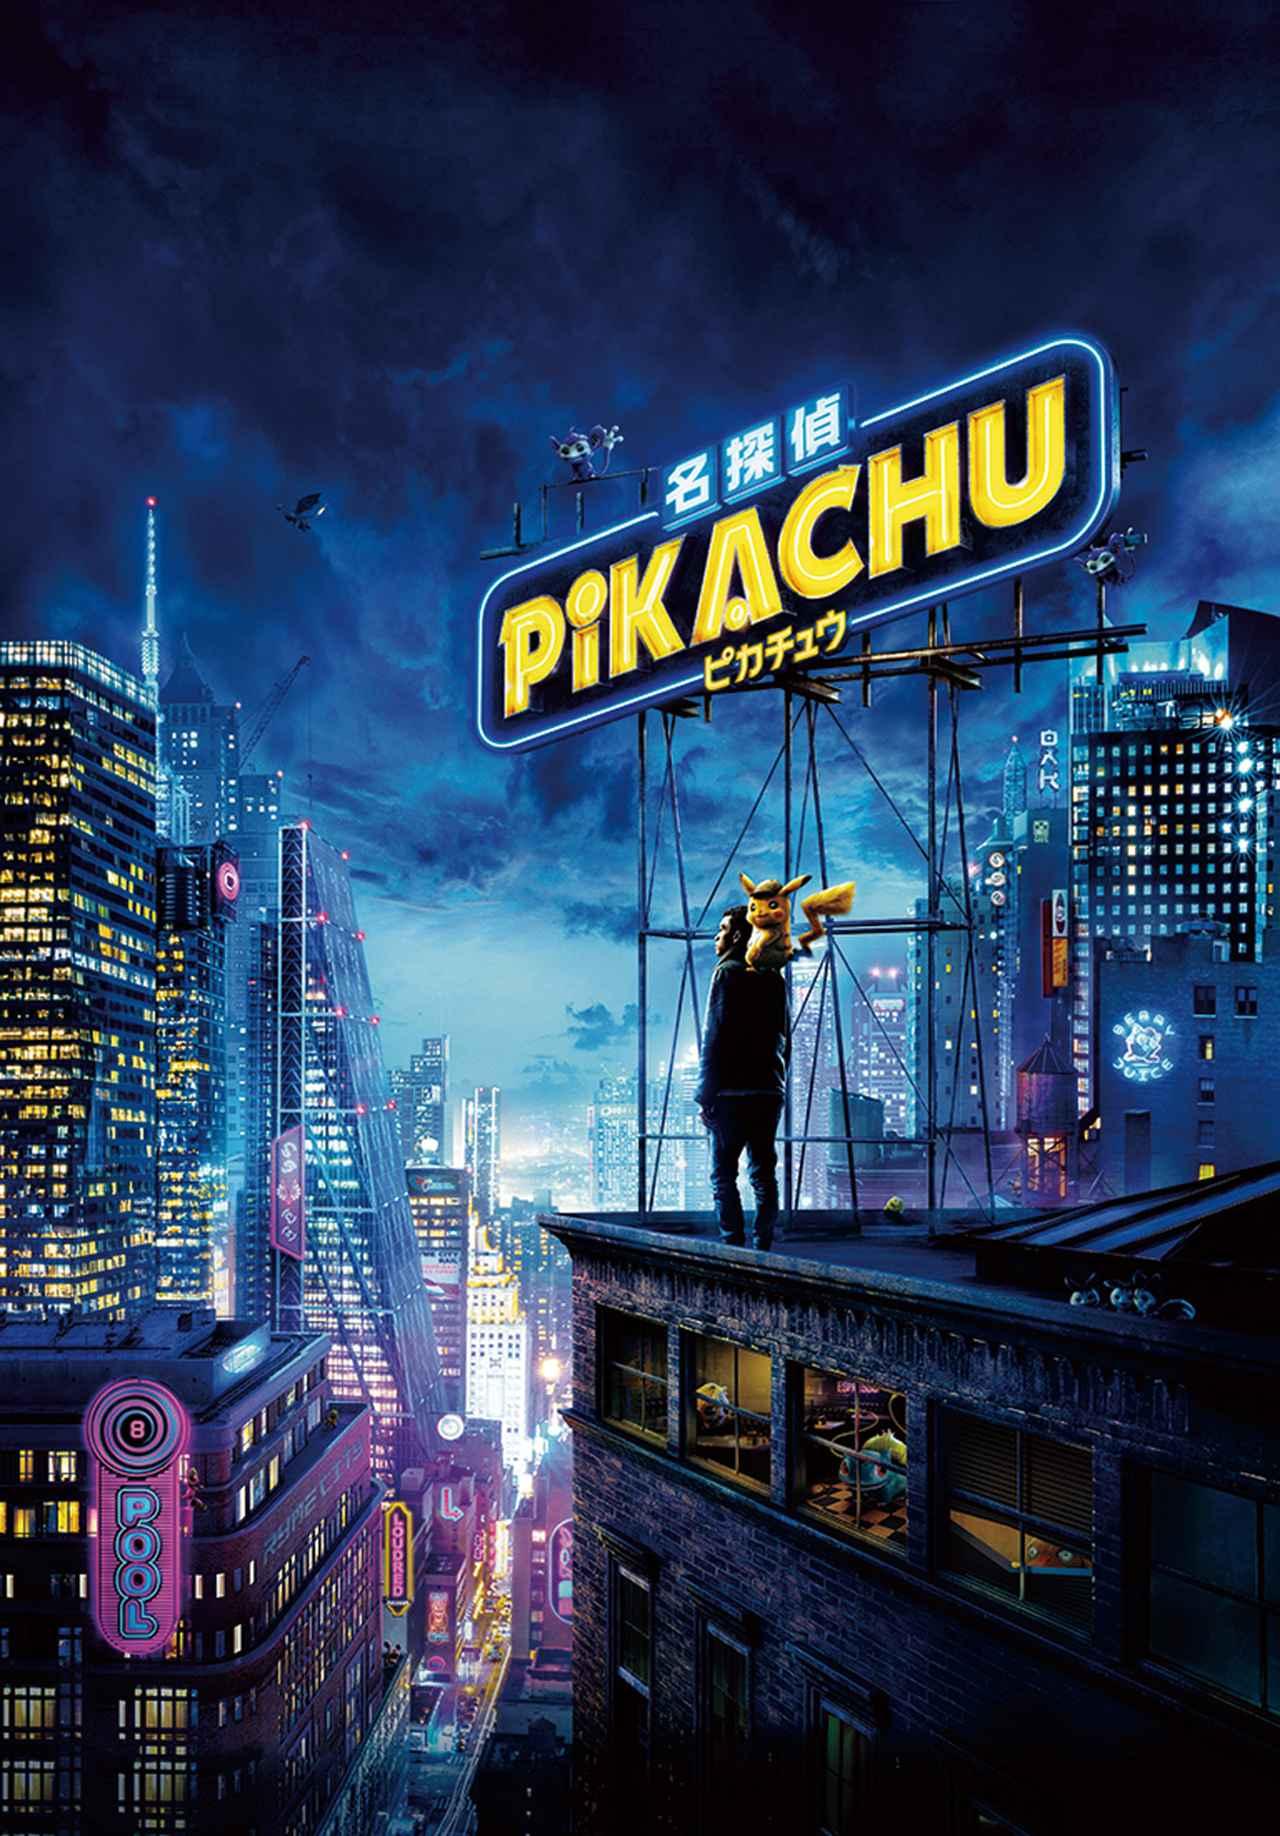 画像: 「名探偵ピカチュウ」 ©2019 Legendary and Warner Bros. Entertainment, Inc. All Rights Reserved. ©2019 Pokémon